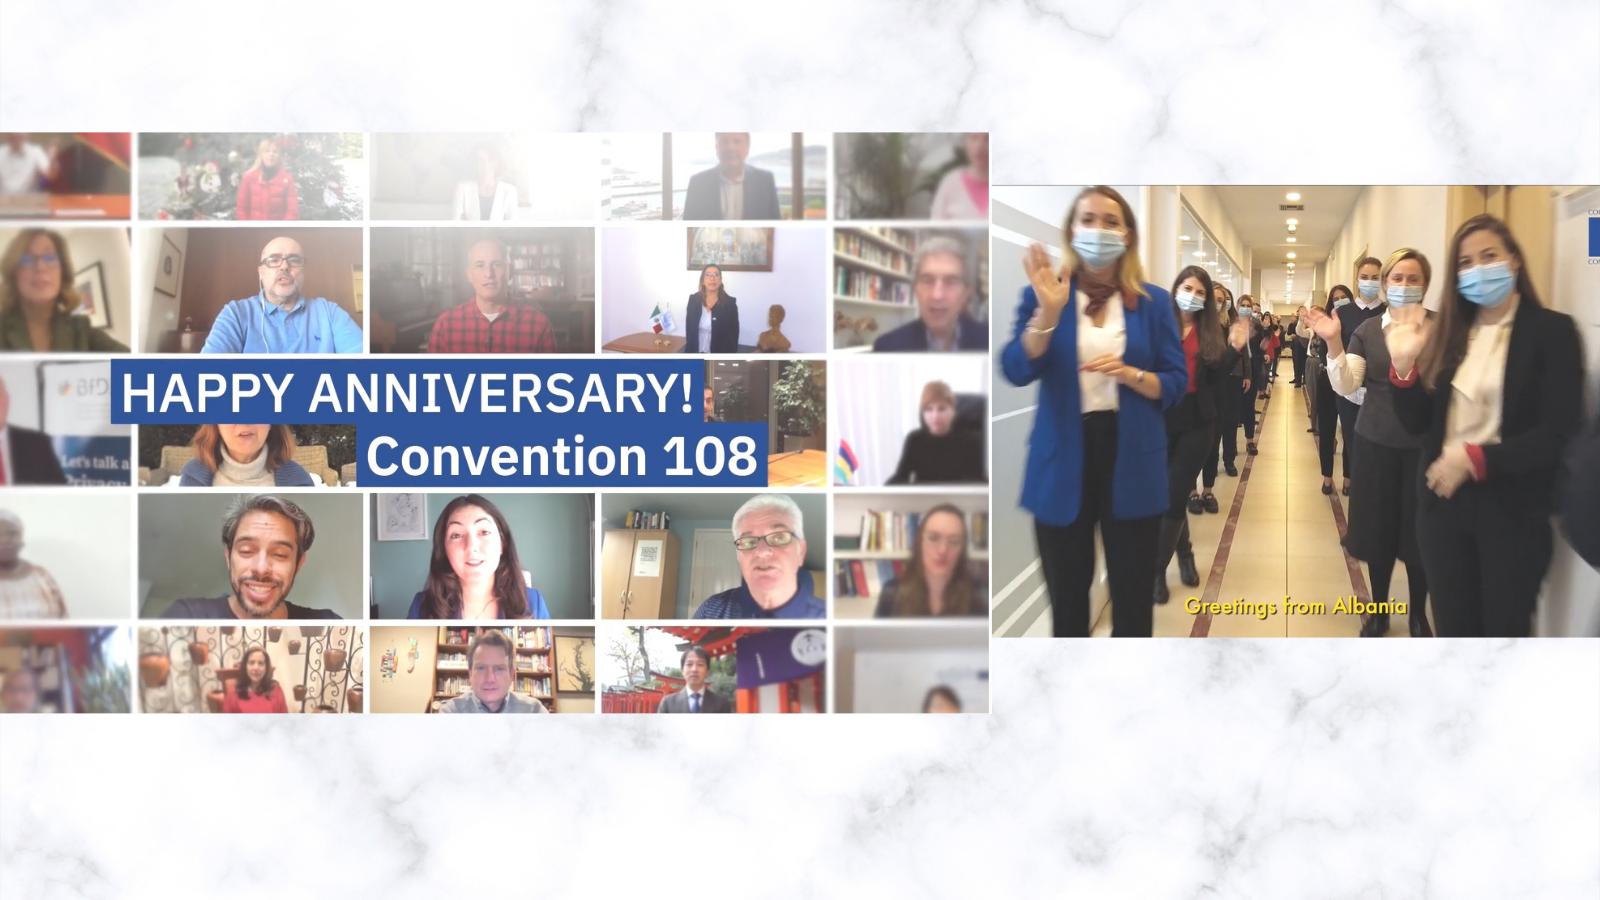 Konventa 108 e Këshillit të Evropës, 40 vjet për garantimin e privatësisë dhe mbrojtjen e të dhënave personale